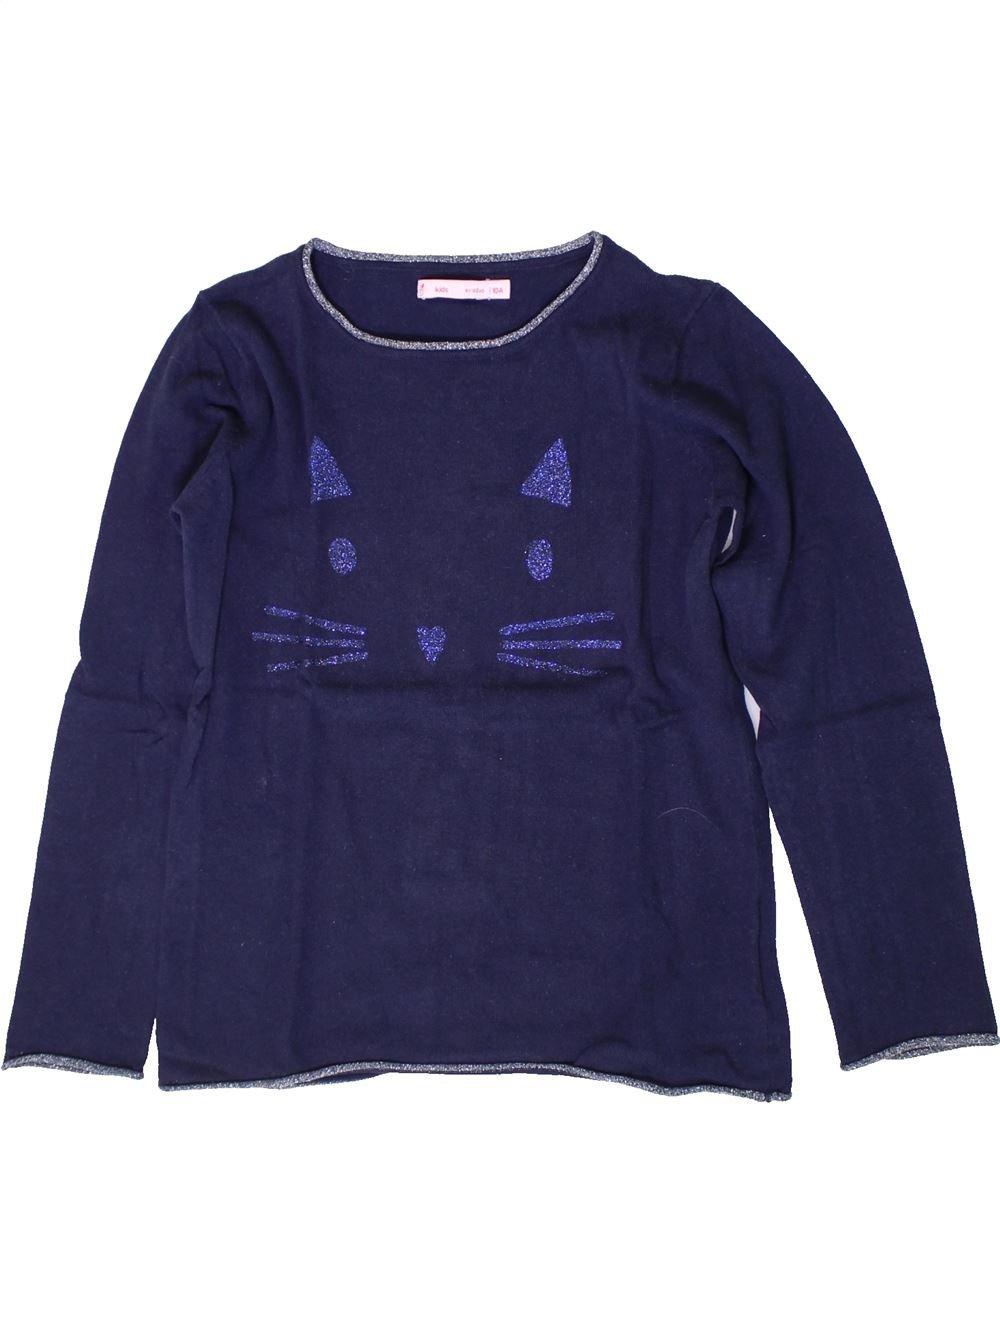 super qualité bébé magasin meilleurs vendeurs Pull Fille GEMO 10 ans pas cher, 5.99 € - #1406004